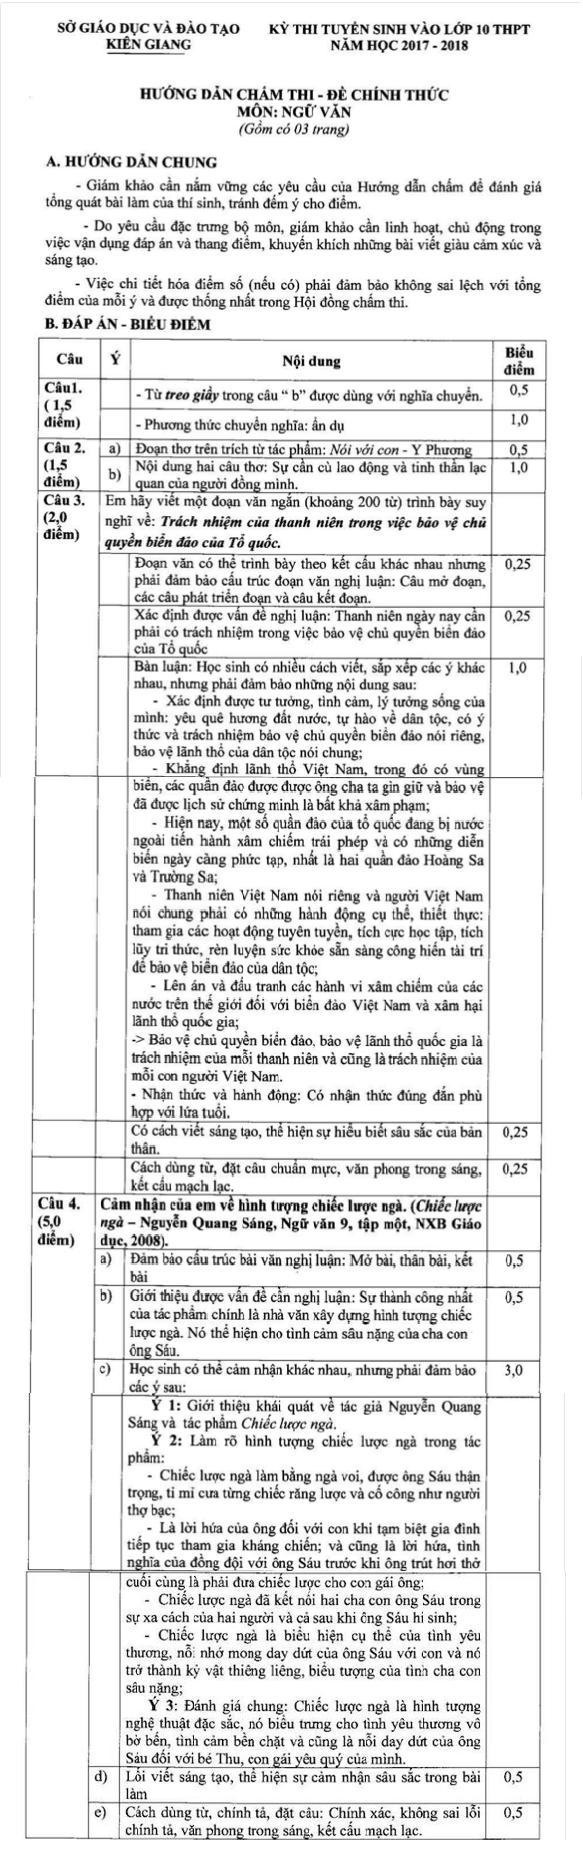 Đáp án đề thi tuyển sinh vào lớp 10 môn Văn tỉnh Kiên Giang năm 2017